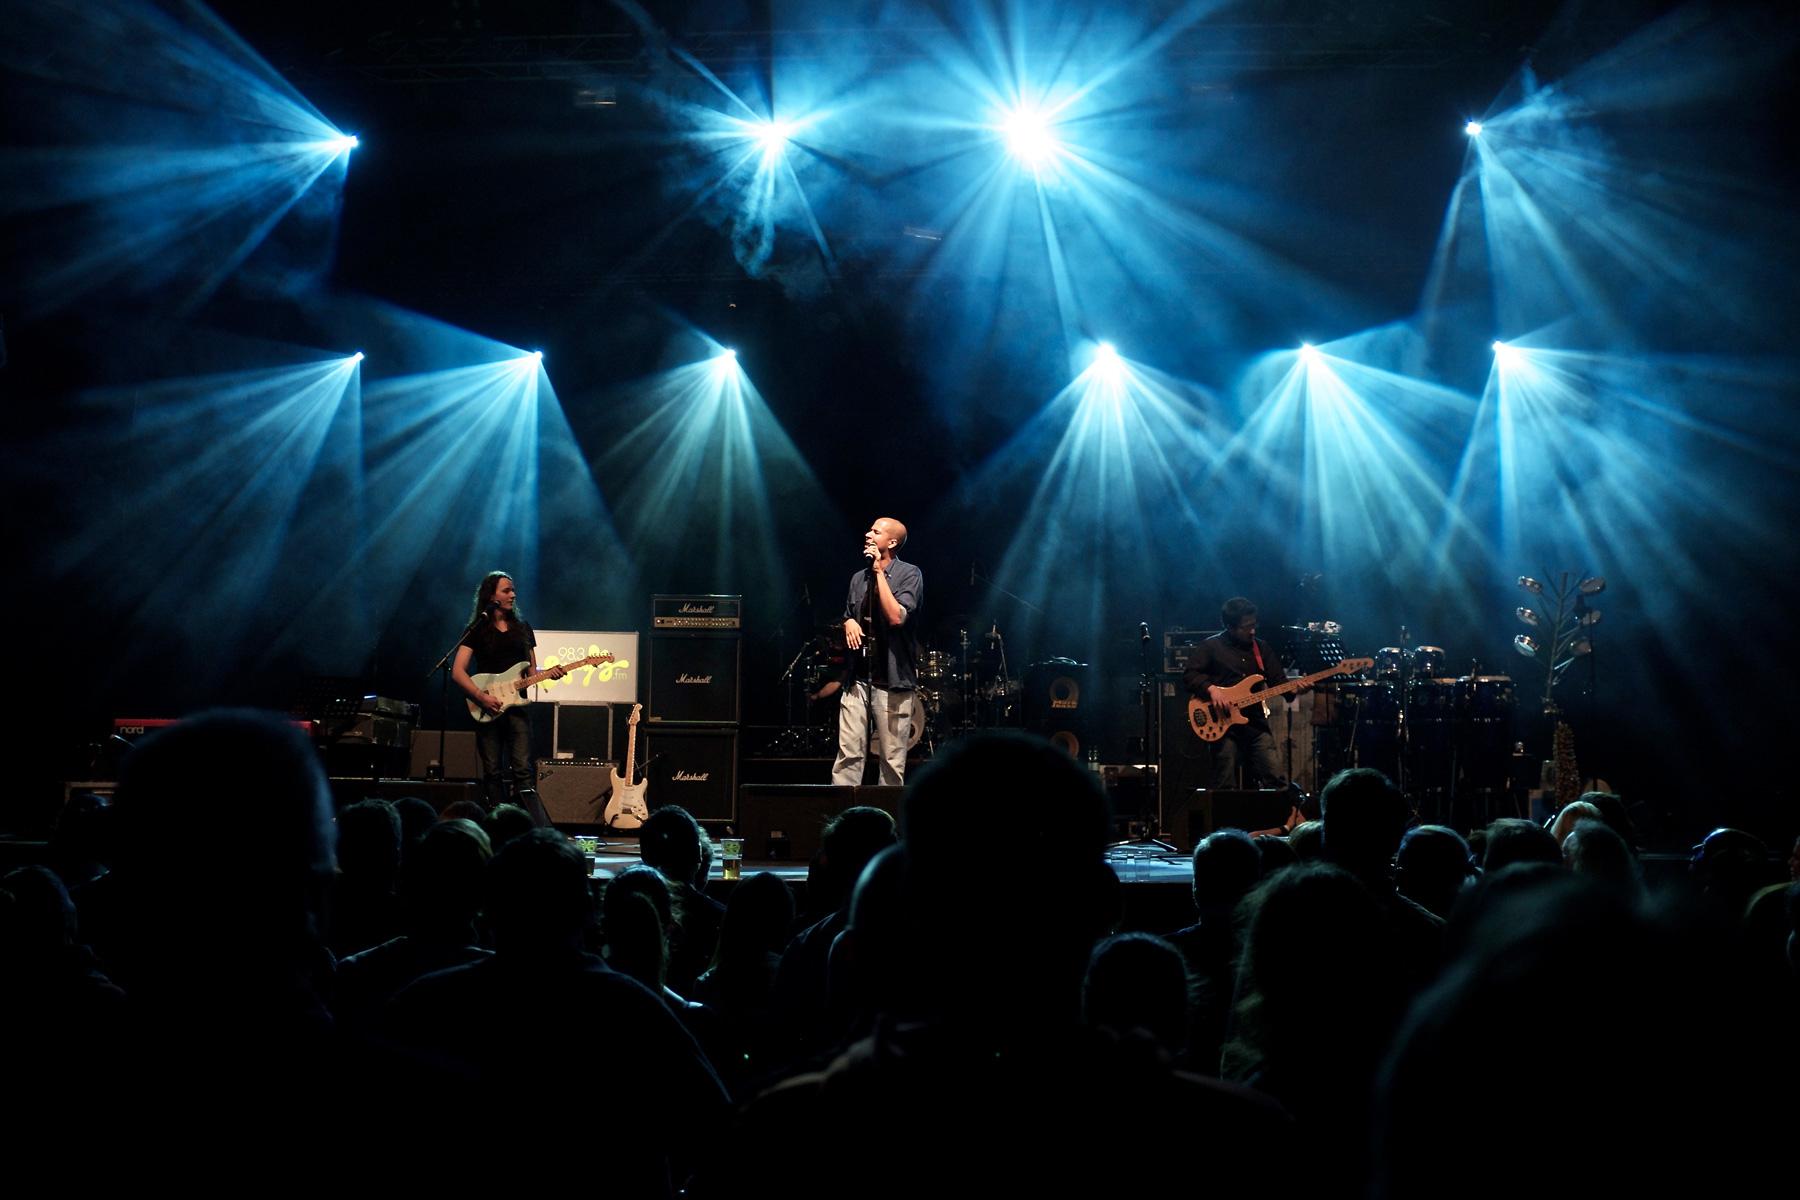 Band auf der Bühne fotografiert von Reza Sarkari